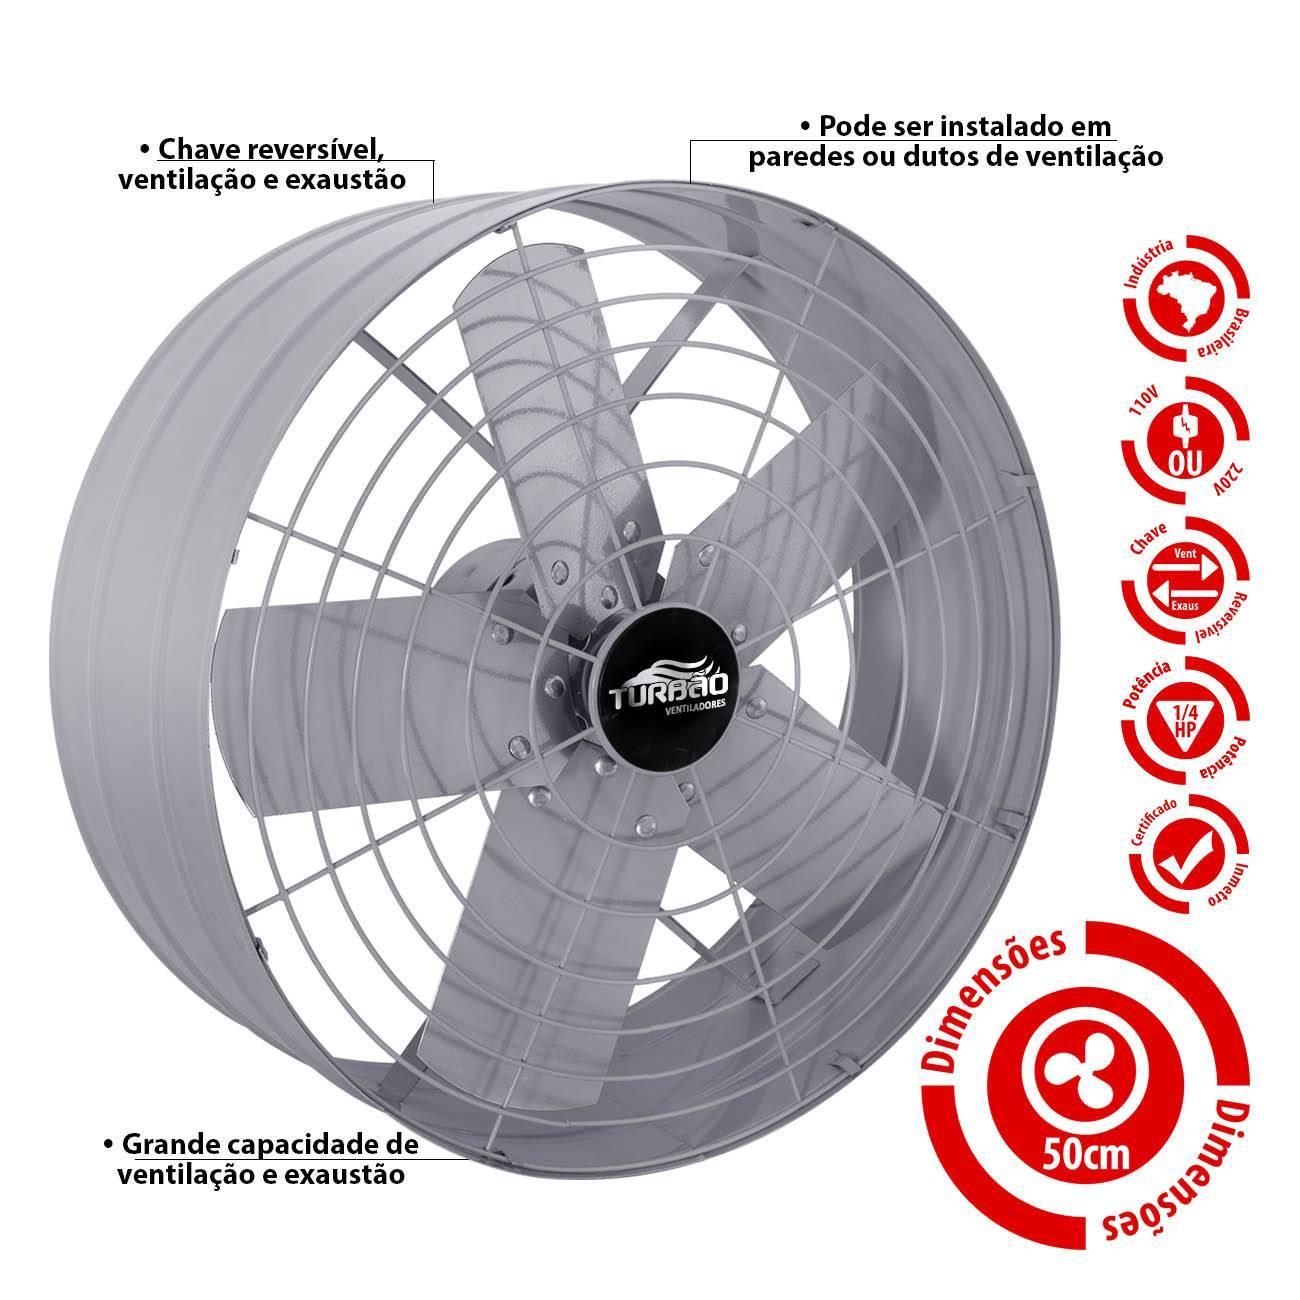 Exaustor Industrial/Comercial 50cm Turbão - LCGELETRO